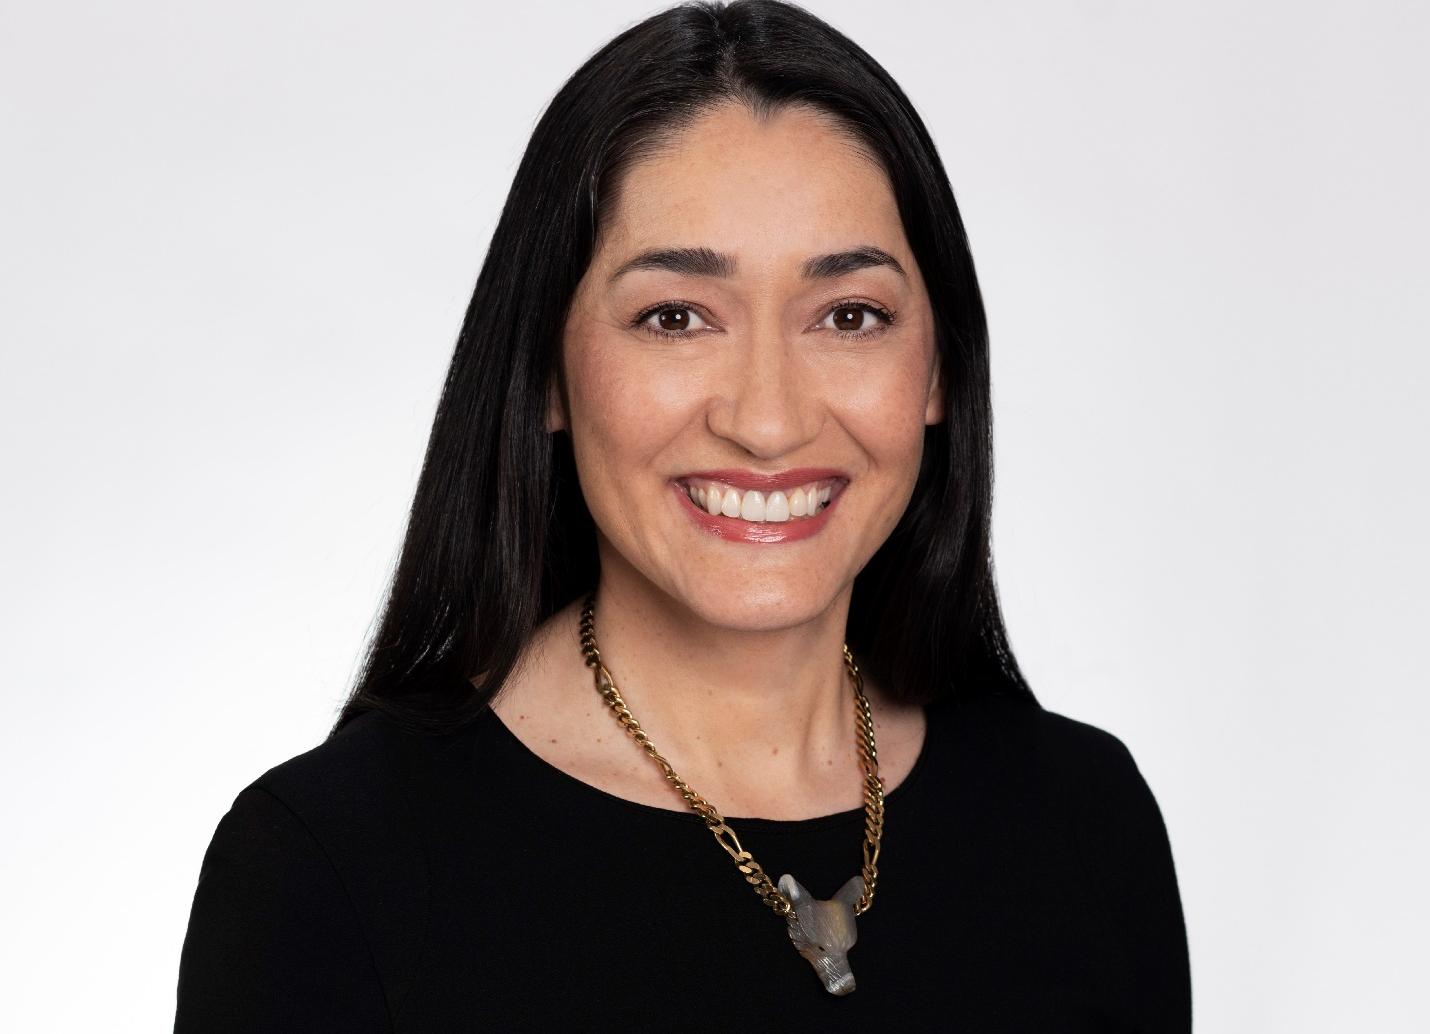 Martina Cheung, S&P Global